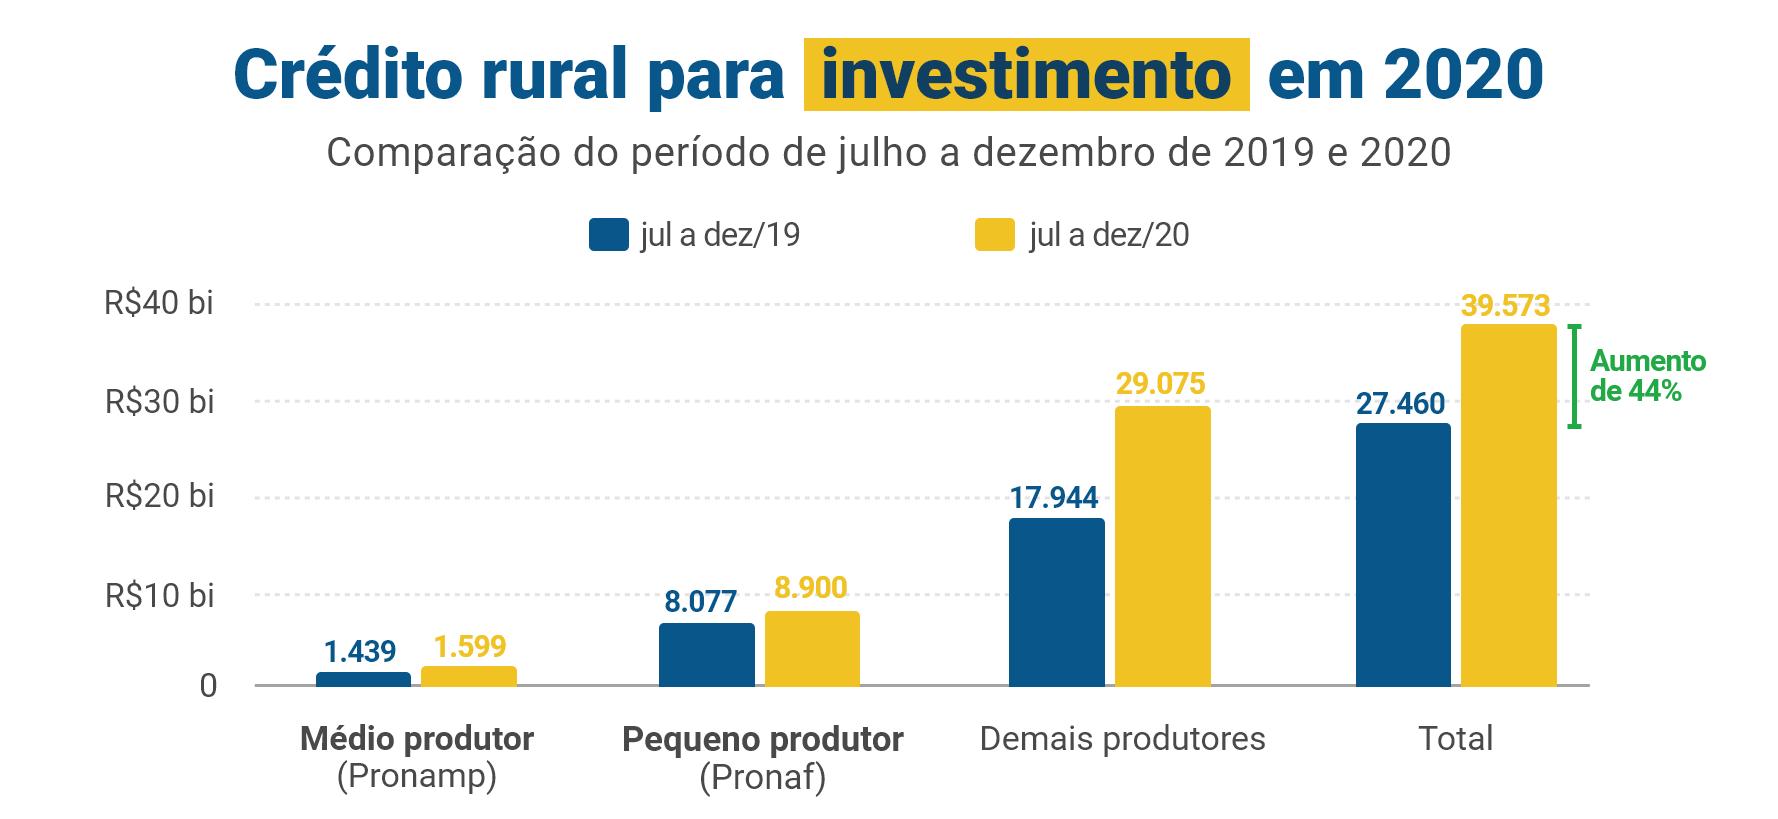 Crédito rural para investimento em 2020